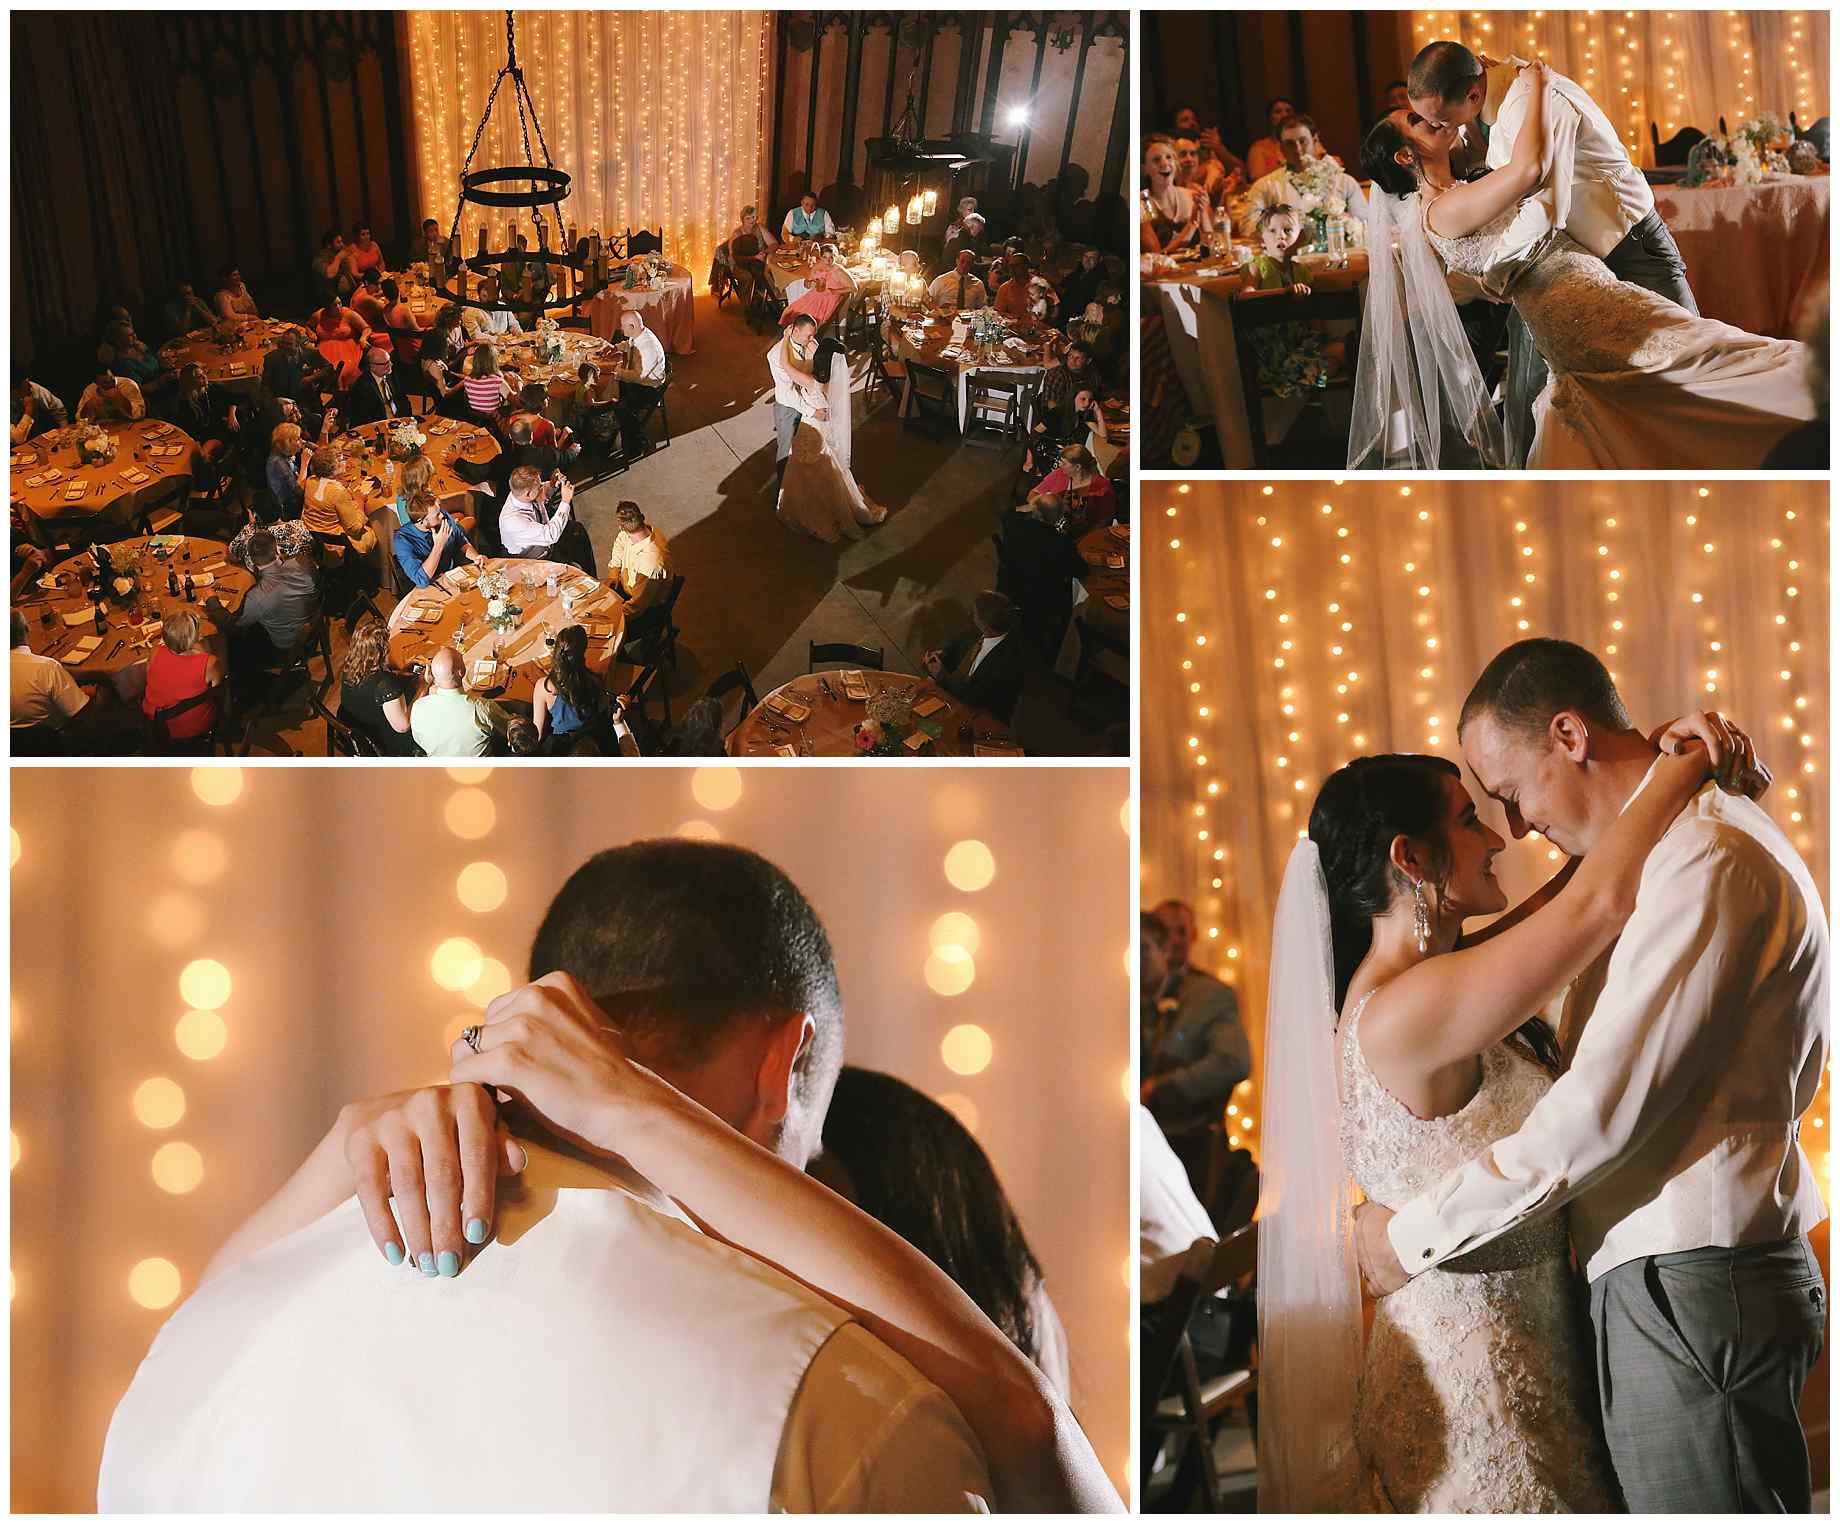 teaberry-farm-wedding-photos-19